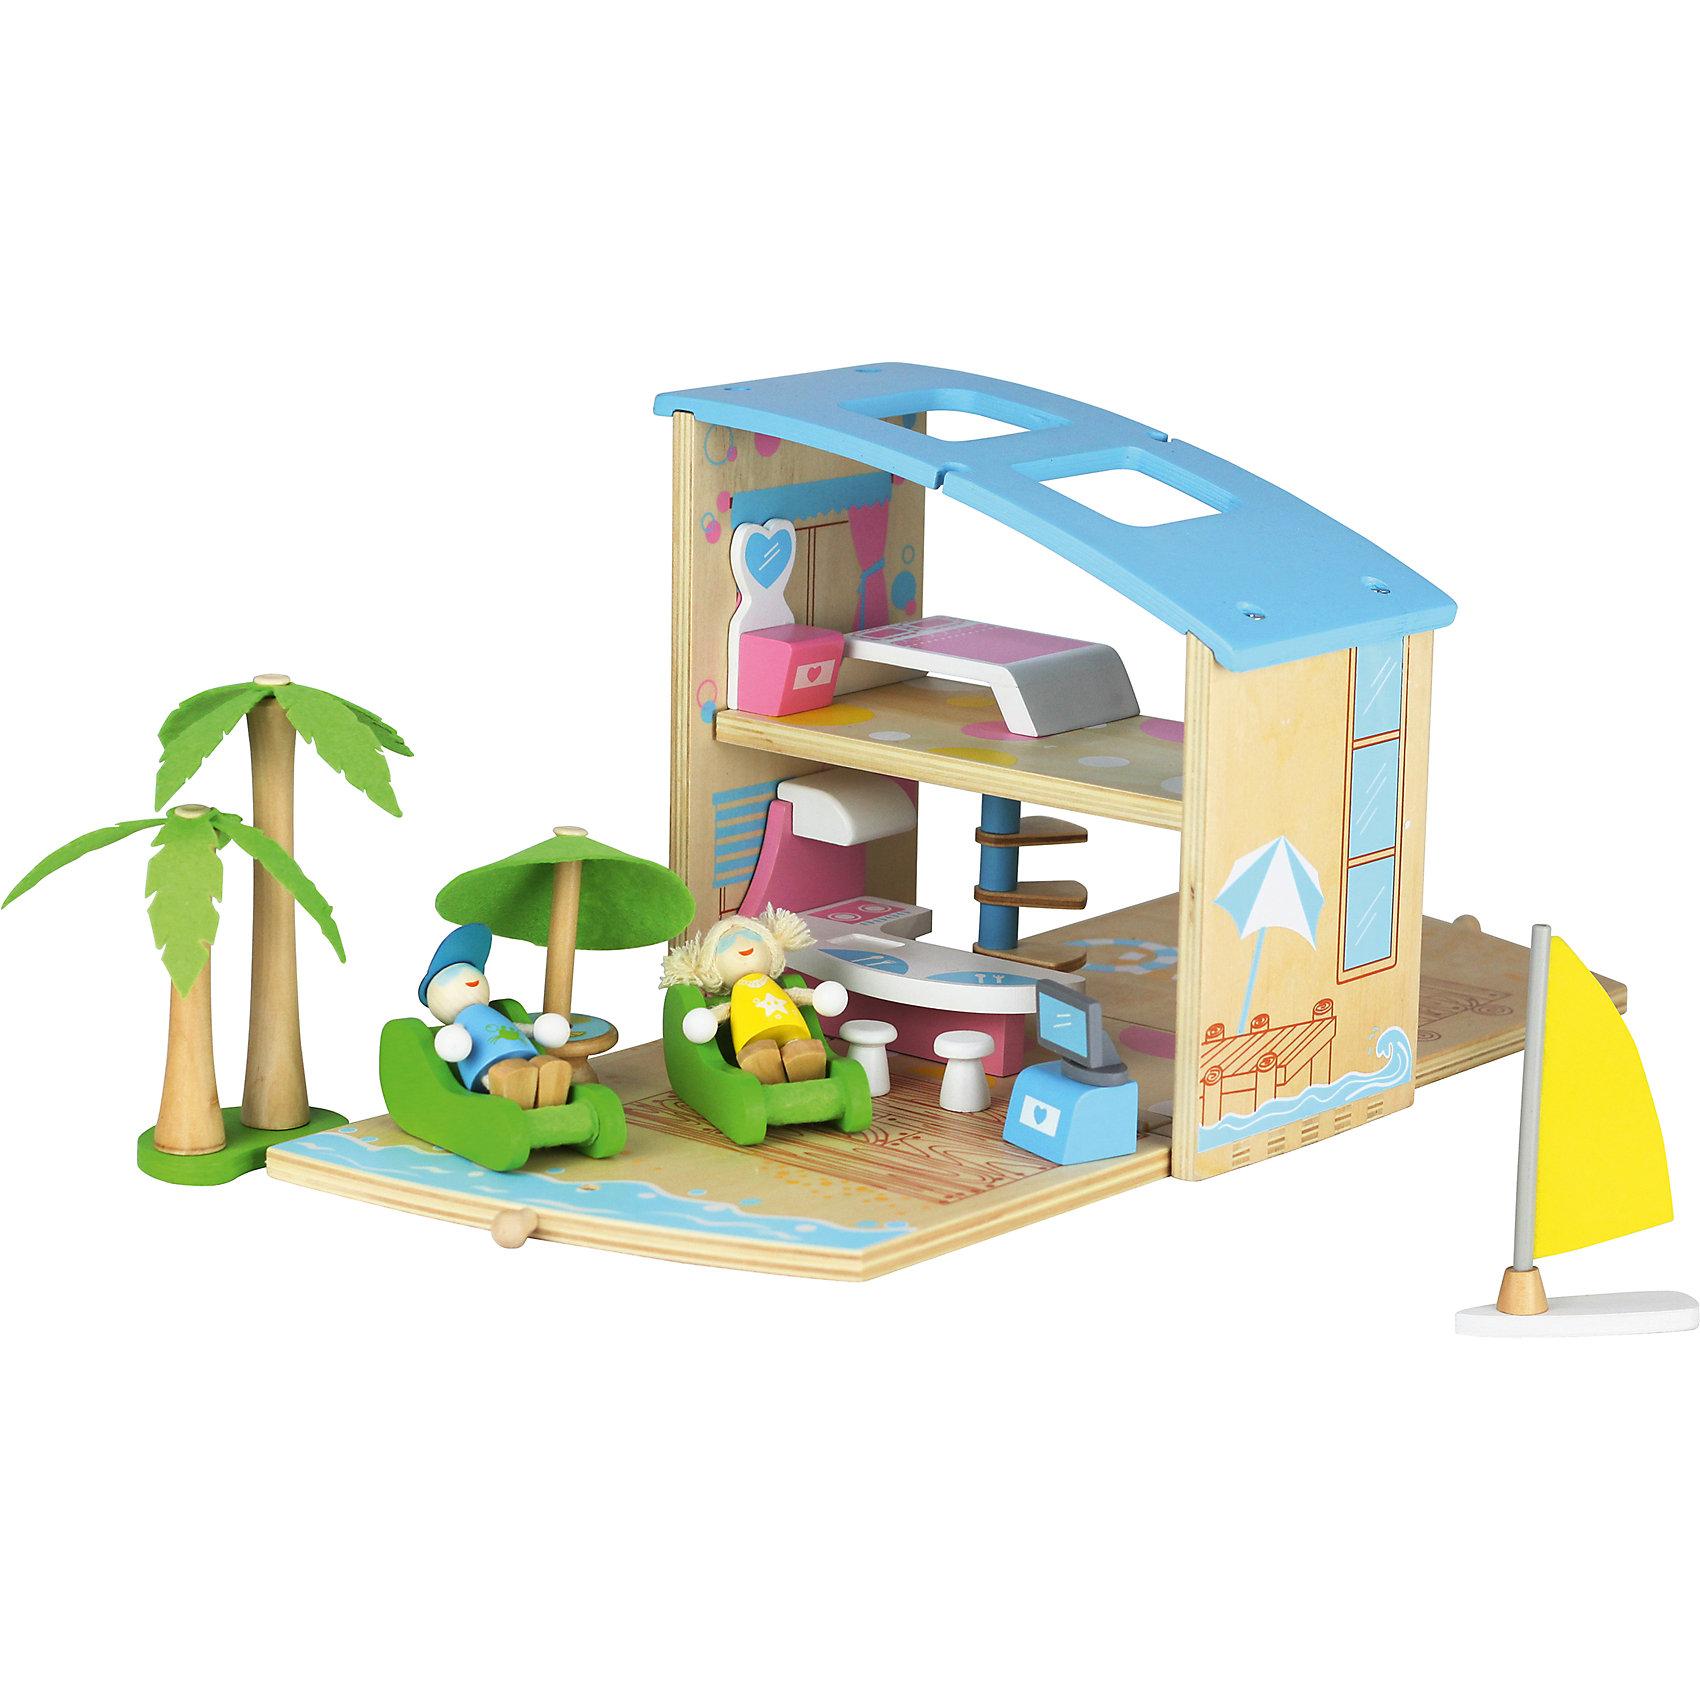 Игровой набор Пляжный домик, ZenitНабор Пляжный домик, Zenit, со множеством игровых возможностей обязательно понравится Вашей девочке. Компания Zenit Wooden Toys - всемирно известный производитель высококачественных товаров из дерева. Все детские товары этой марки отвечают самым высоким стандартам качества и безопасности. Набор выполнен в виде компактного деревянного сундучка с ручкой, который раскладываясь, превращается в чудесный пляжный домик с песочным пляжем и берегом моря. На первом этаже домика размещается просторная гостиная, на втором - уютная спальня, в комнатках можно расставить входящую в комплект мебель. Обитающие в домике человечки прекрасно проводят время, загорая на пляже в удобных шезлонгах. От яркого солнца их защитит большой пляжный зонтик со столиком, лежа под которым хорошо любоваться на морской берег с пальмами и проплывающей яхтой.<br><br>Дополнительная информация:<br><br>- В комплекте: домик, две фигурки, аксессуары (мебель, пальма, яхта).<br>- Материал: древесина, ДСП, текстиль.<br>- Размер упаковки: 23 х 21 х 11,5 см. <br>- Вес: 2 кг. <br><br>Игровой набор Пляжный домик, Zenit, можно купить в нашем интернет-магазине.<br><br>Ширина мм: 230<br>Глубина мм: 210<br>Высота мм: 115<br>Вес г: 2000<br>Возраст от месяцев: 36<br>Возраст до месяцев: 96<br>Пол: Унисекс<br>Возраст: Детский<br>SKU: 4248706